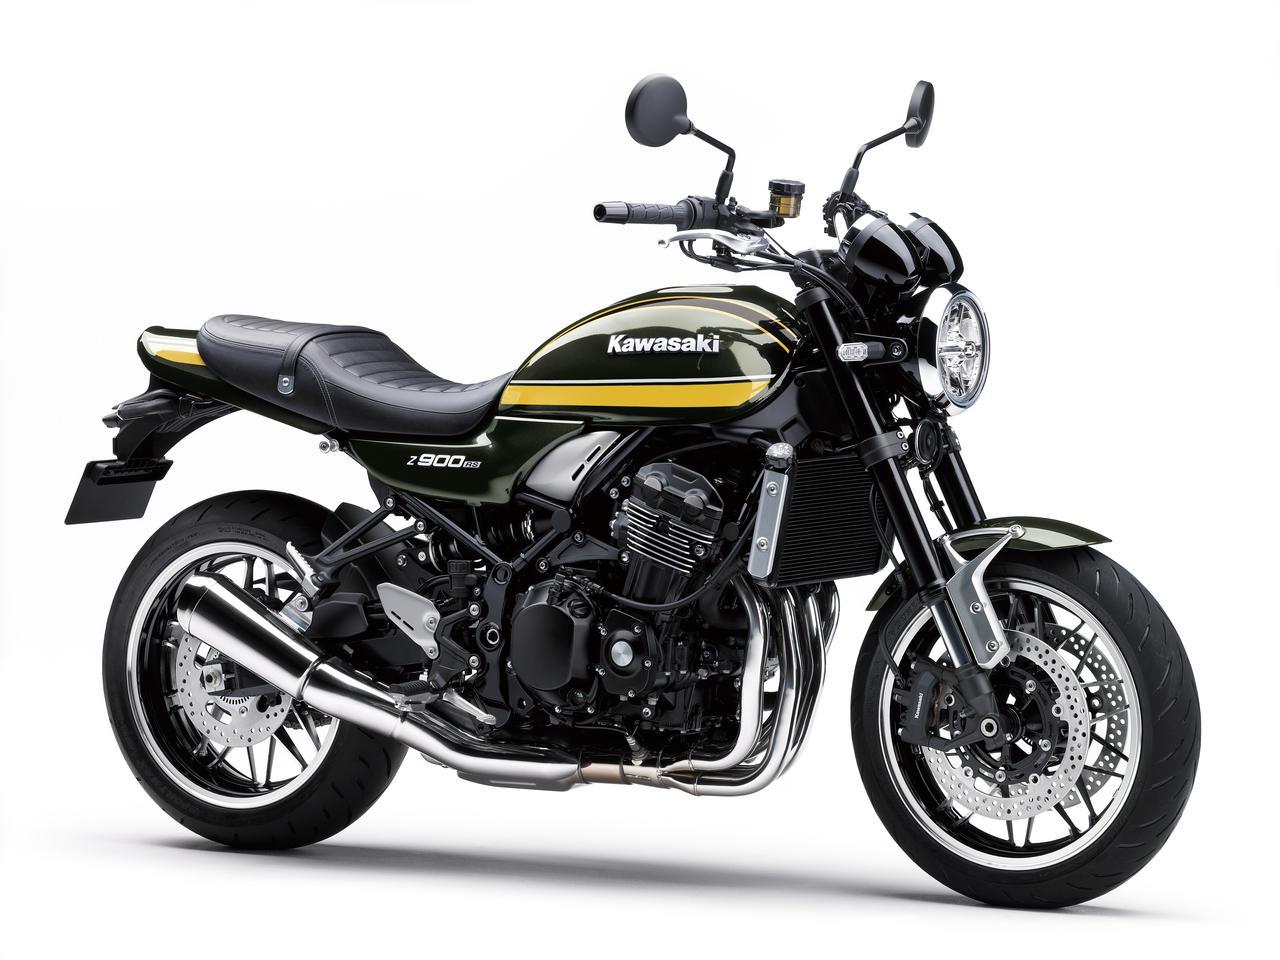 画像13: カワサキが「Z900RS CAFE」の新色を発売! Z900RSシリーズの2021年モデルと2020年モデルを比較してみよう【2021速報】